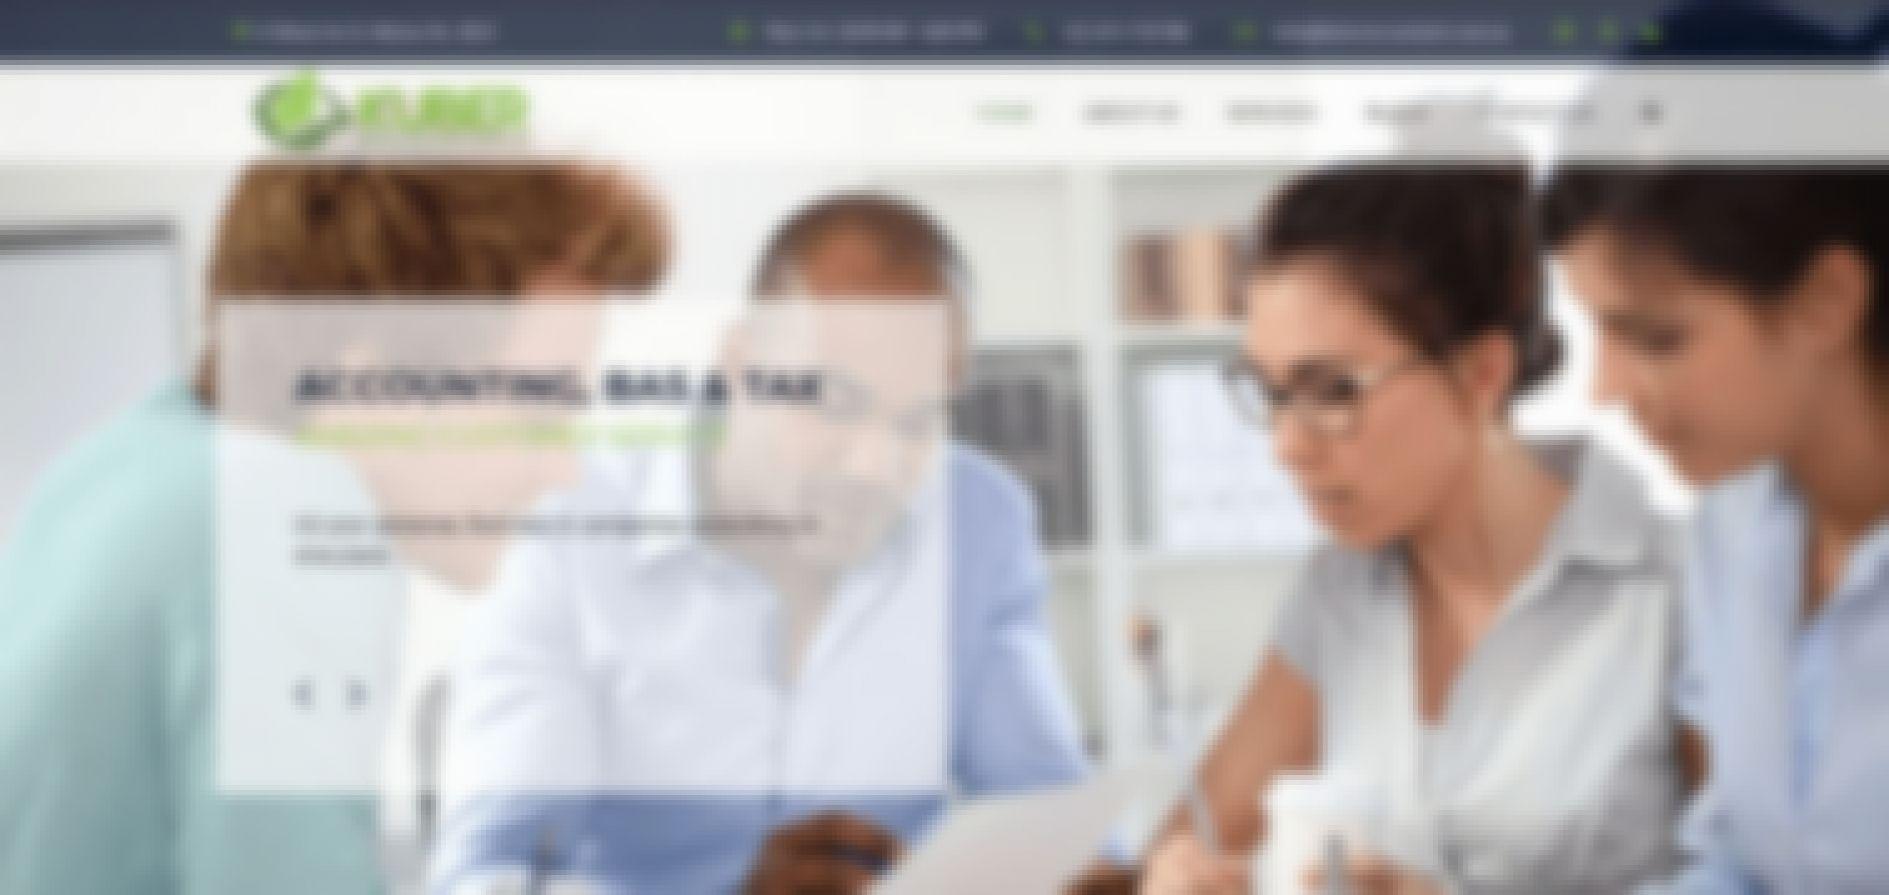 kuber accountants